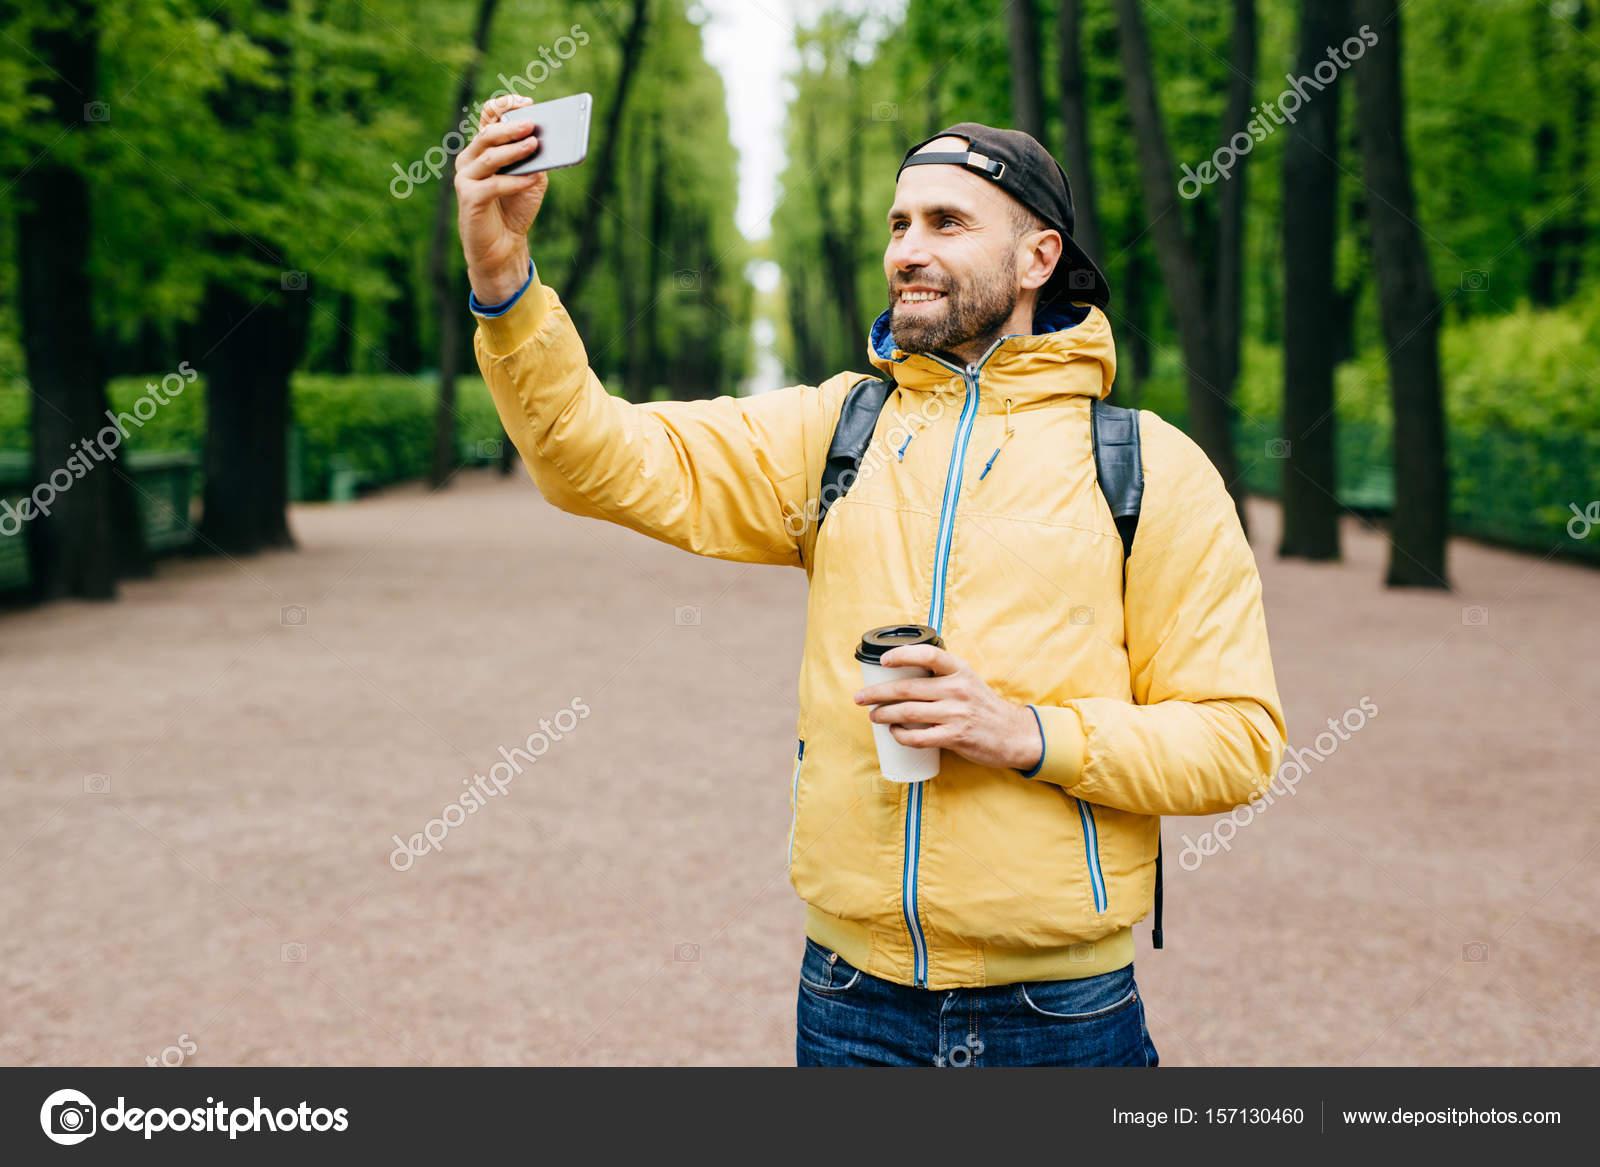 71830e8940 Na białym tle portret hipster facet sobie modne ubrania odpoczynku w parku  sam podziwiając pogodny i świeżego powietrza. Brodaty mężczyzna co selfie w  parku ...